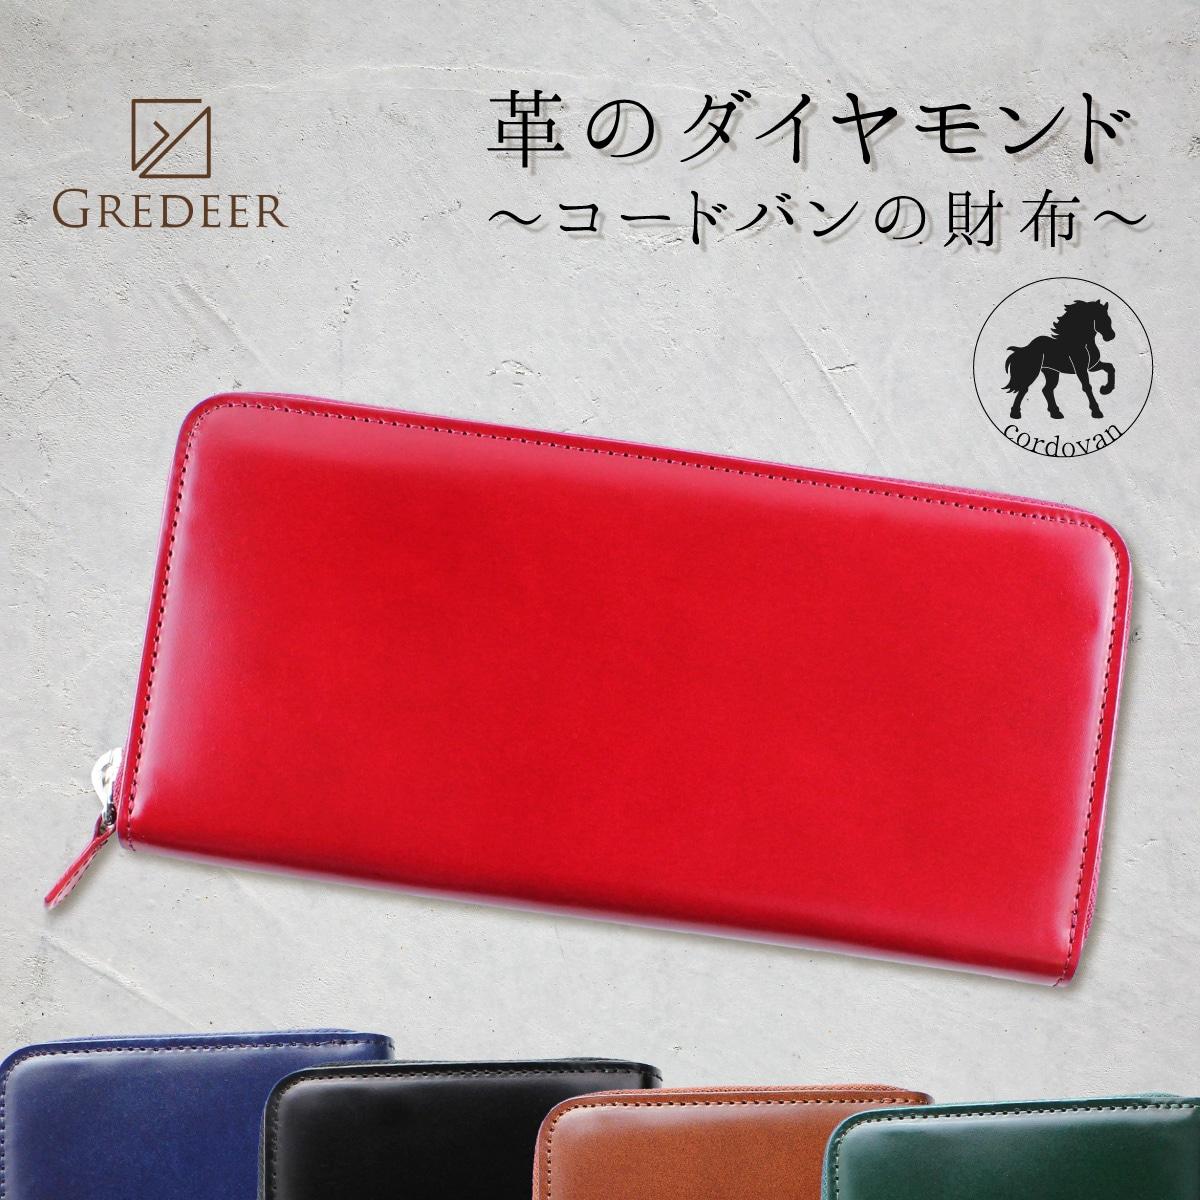 馬革(コードバン)のプレミアム財布 GREDEER コードバン ラウンドファスナー長財布 【カラー:レッド】 開運グッズ